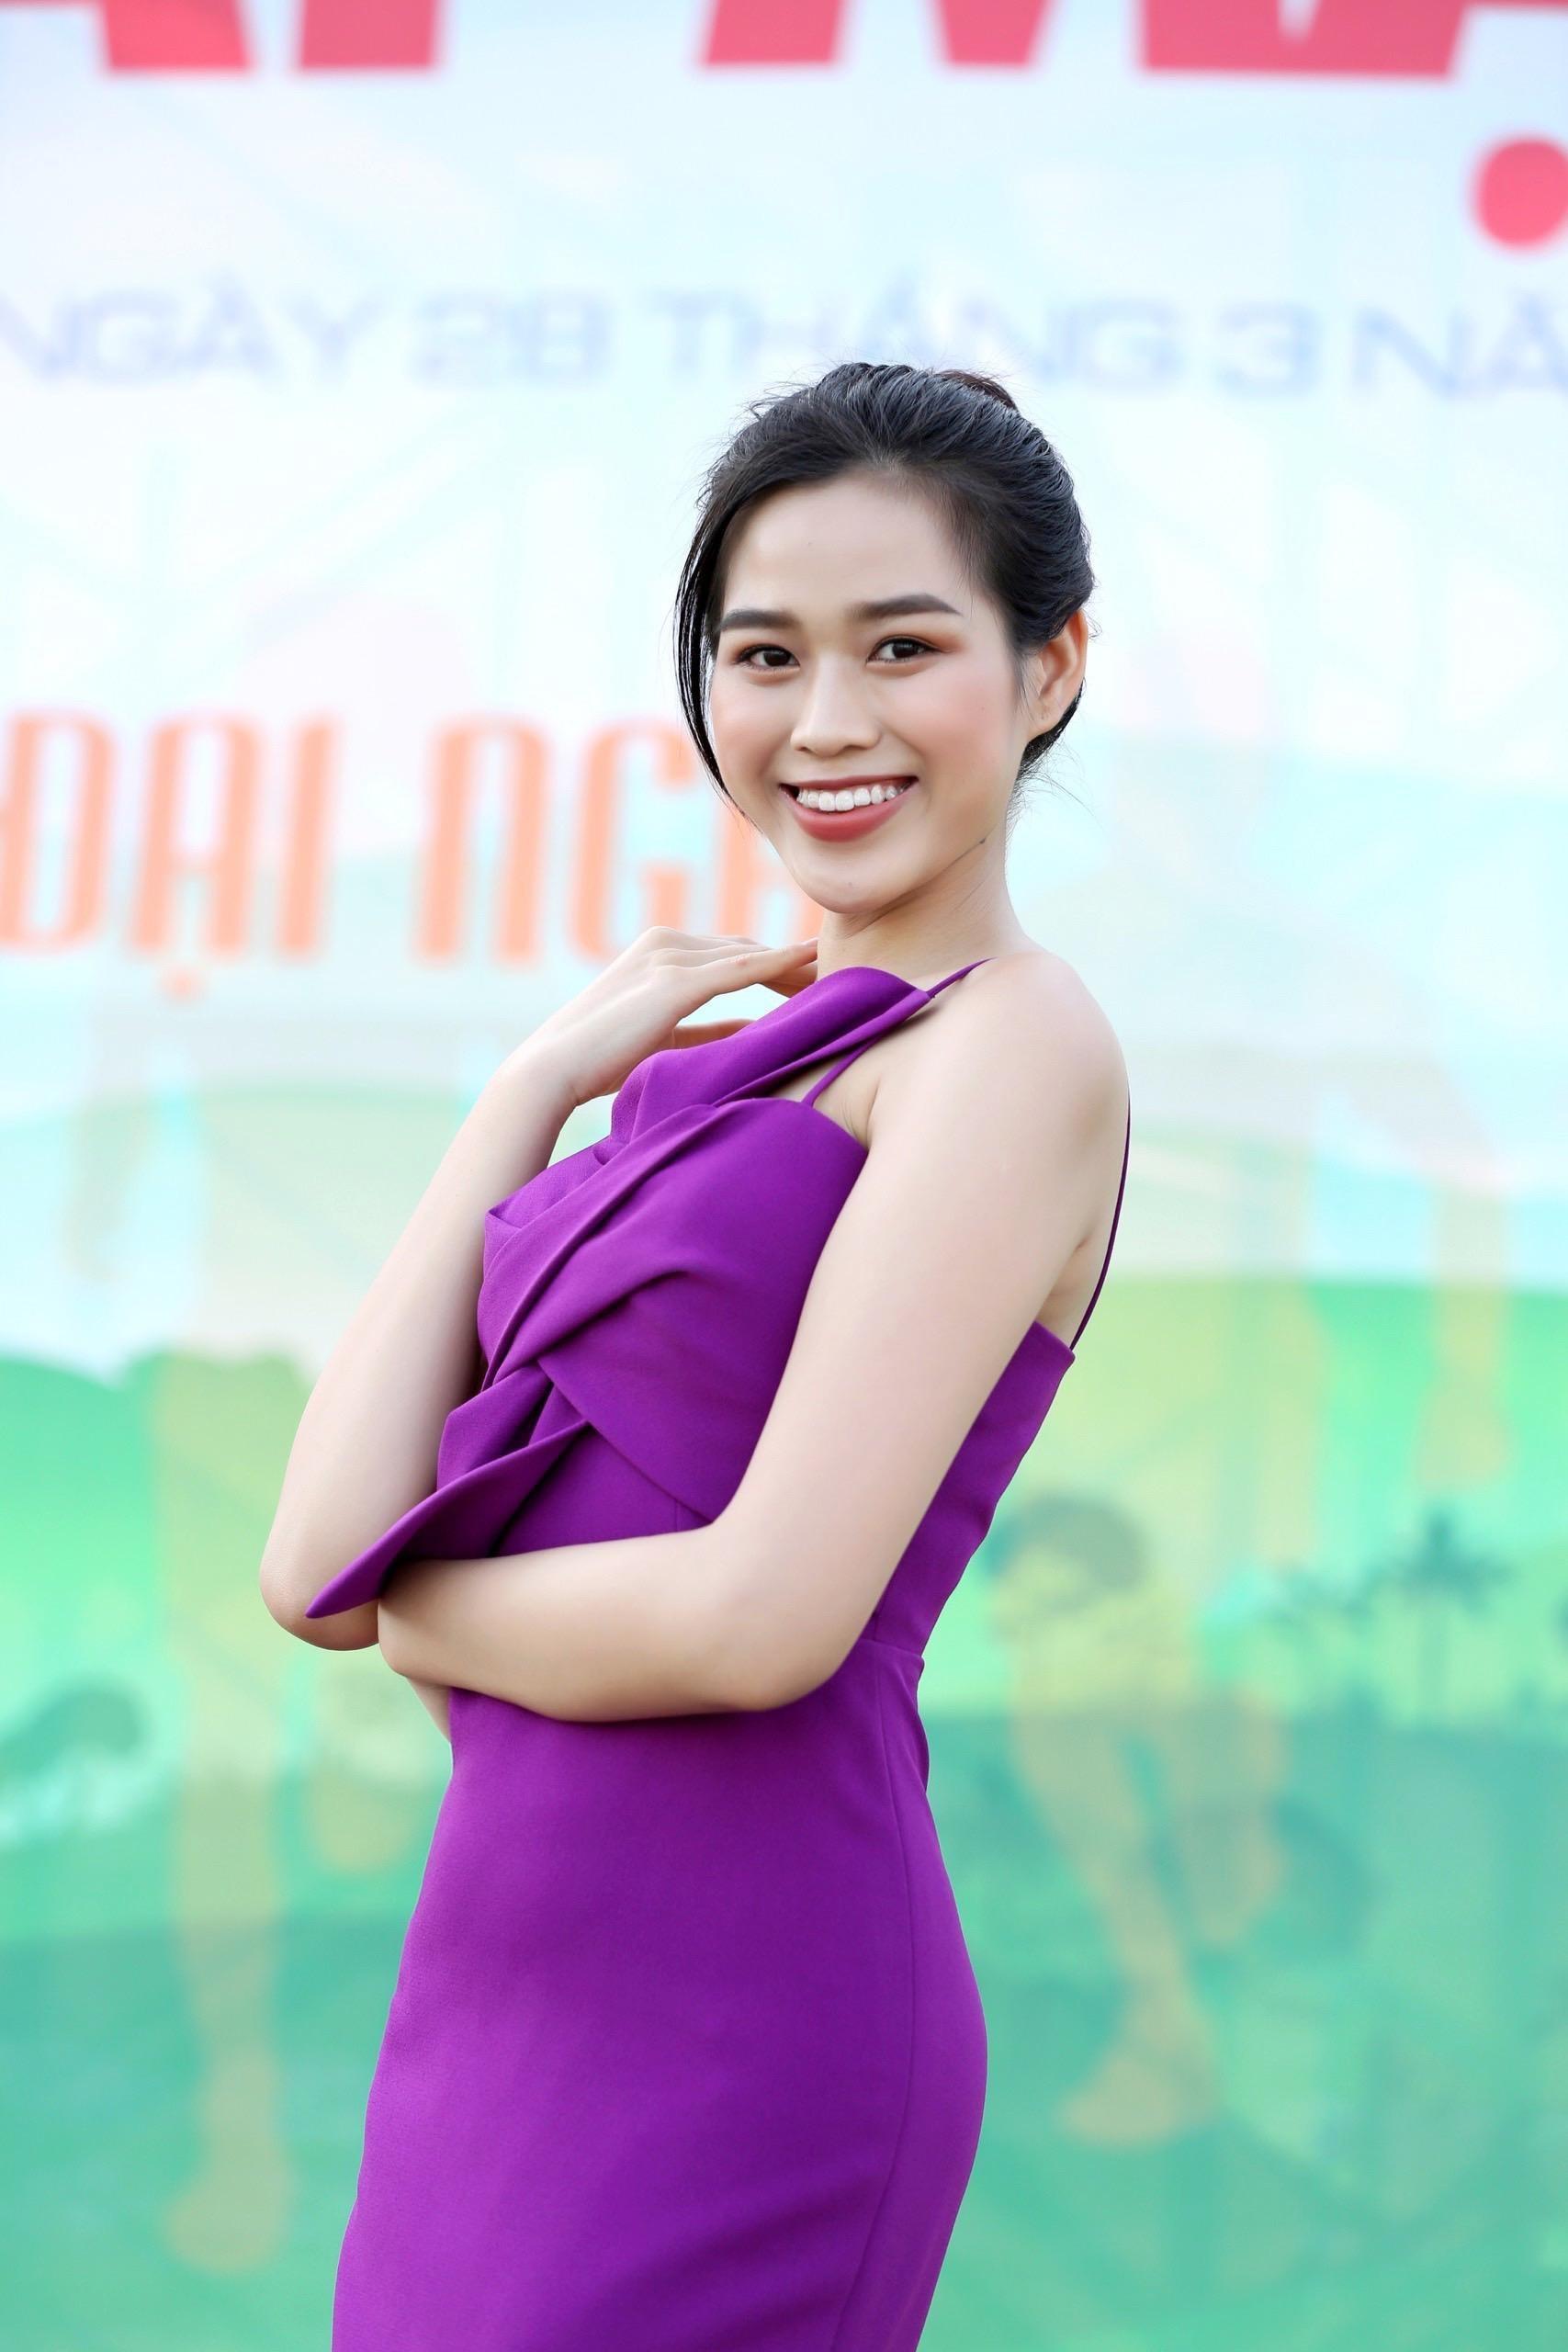 Hoa hậu Đỗ Thị Hà diện váy hai dây tím khoe vai trần gợi cảm ảnh 3